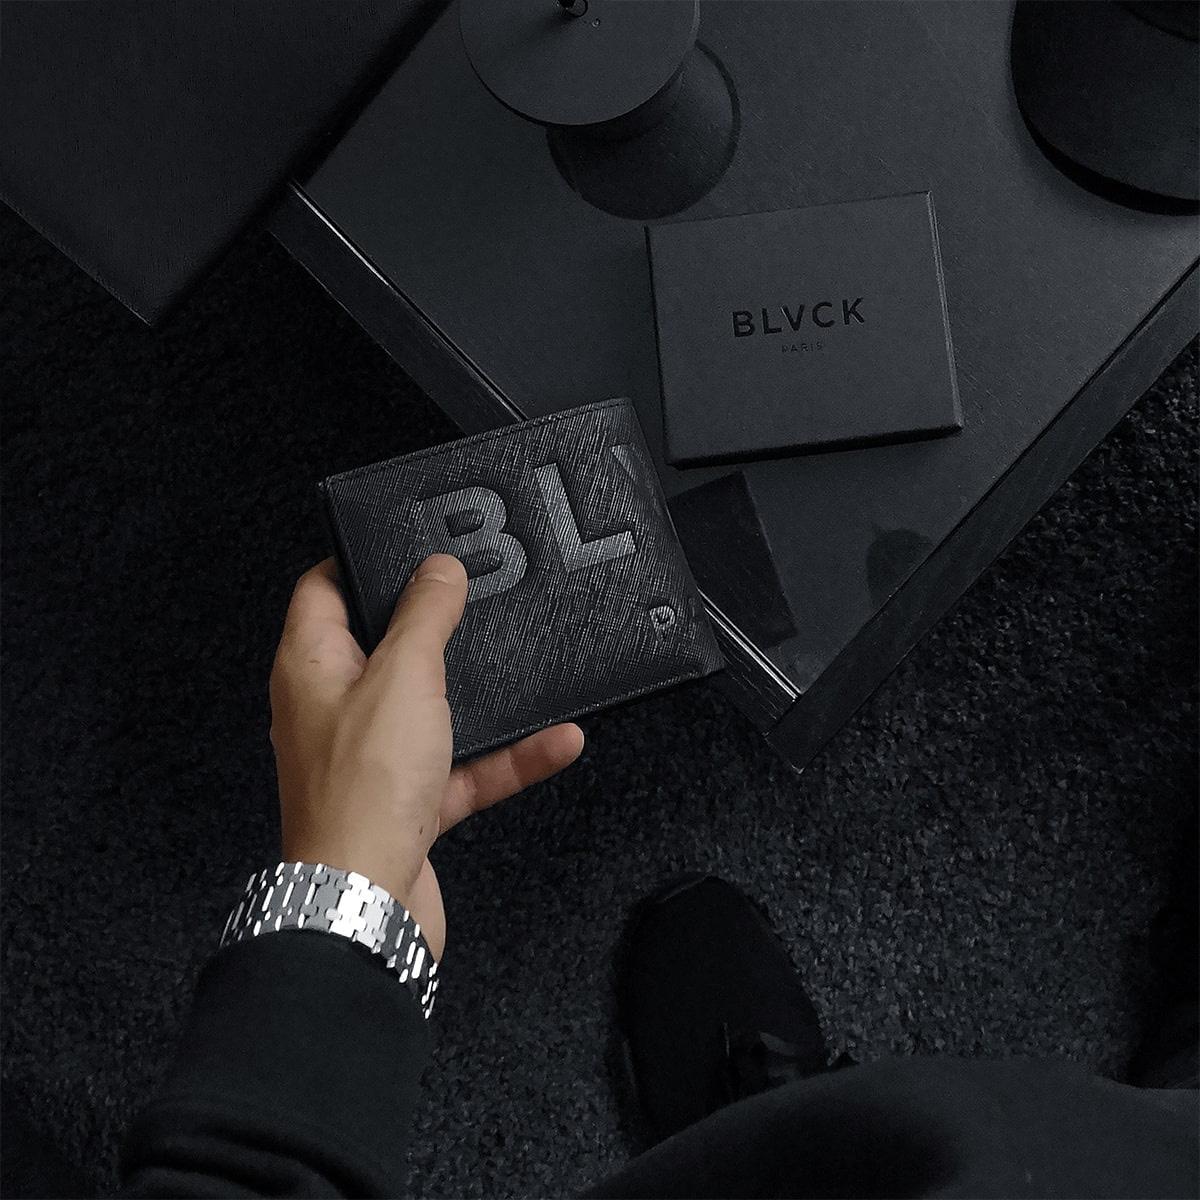 blvck paris wallet review